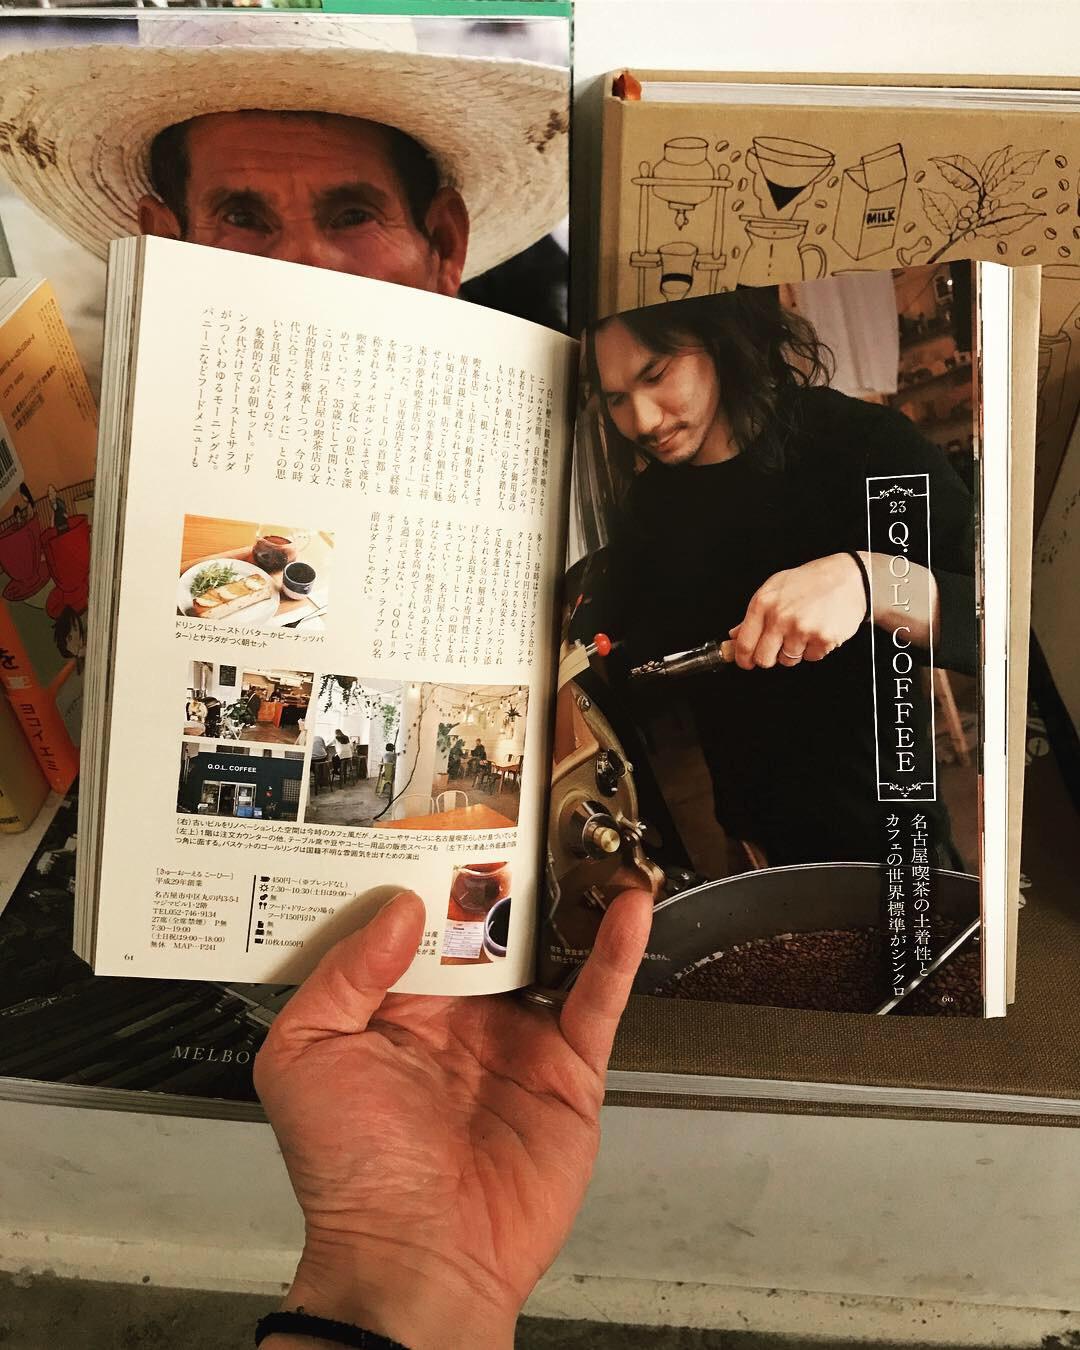 『名古屋の喫茶店』に掲載して頂きました